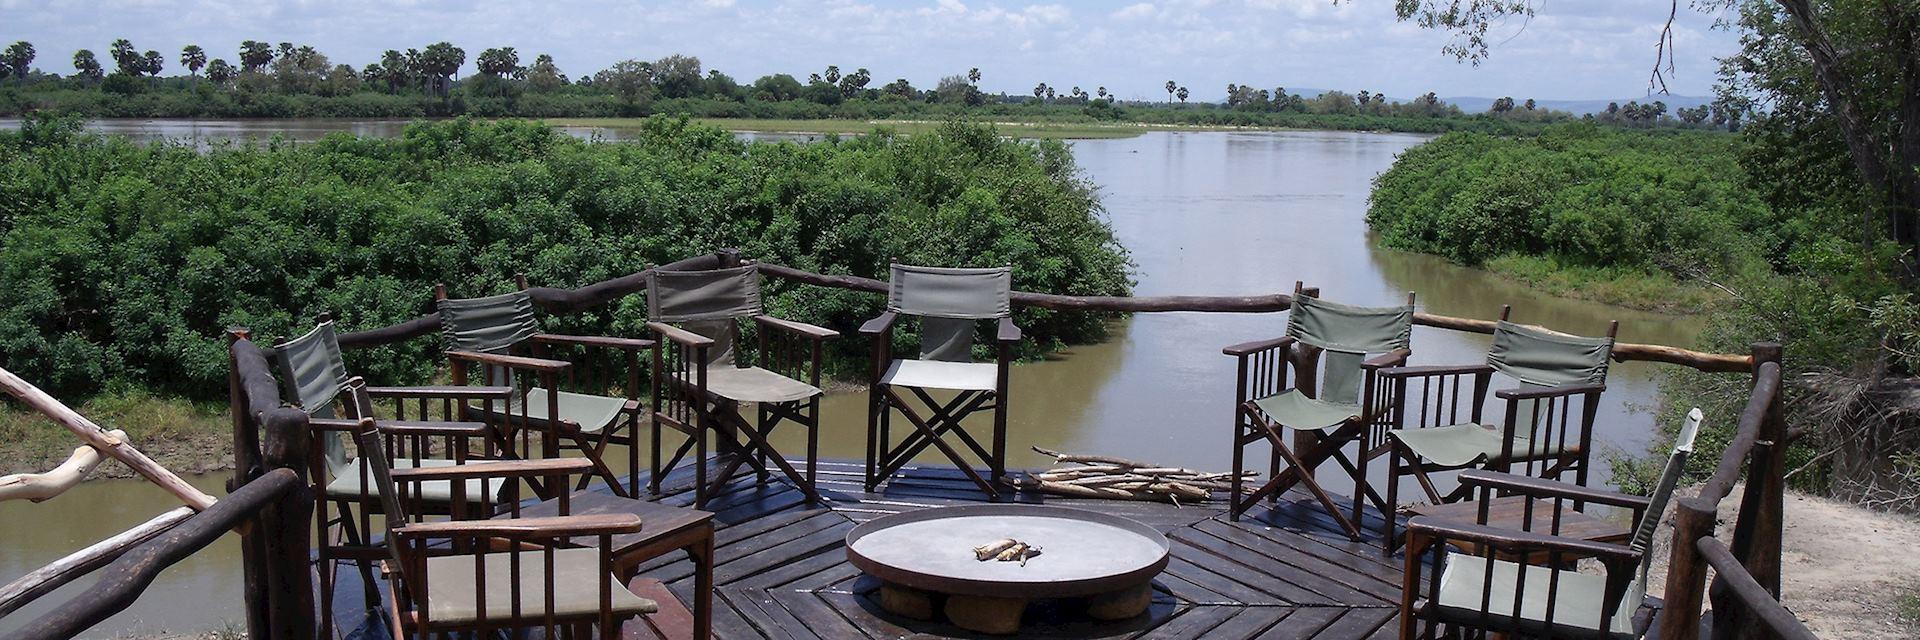 Selous Impala Camp, Selous Game Reserve, Tanzania